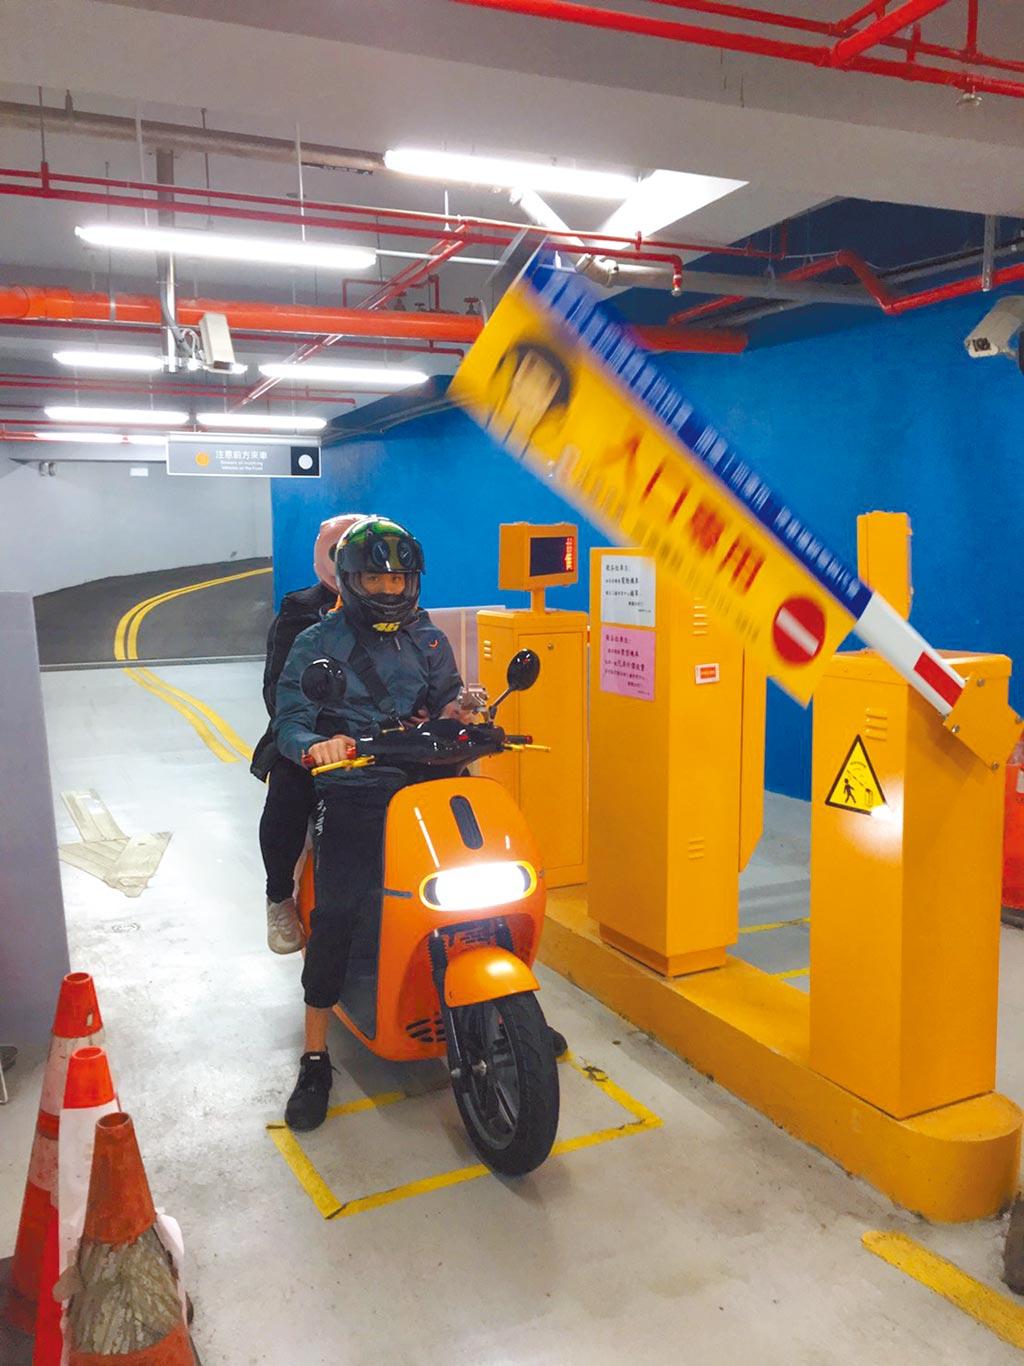 北市月底前將在松山國小停車場推出「智慧機車進出」服務,採無票化車牌辨識系統,提升進出便利性。(台北市停管處提供/張立勳台北傳真)